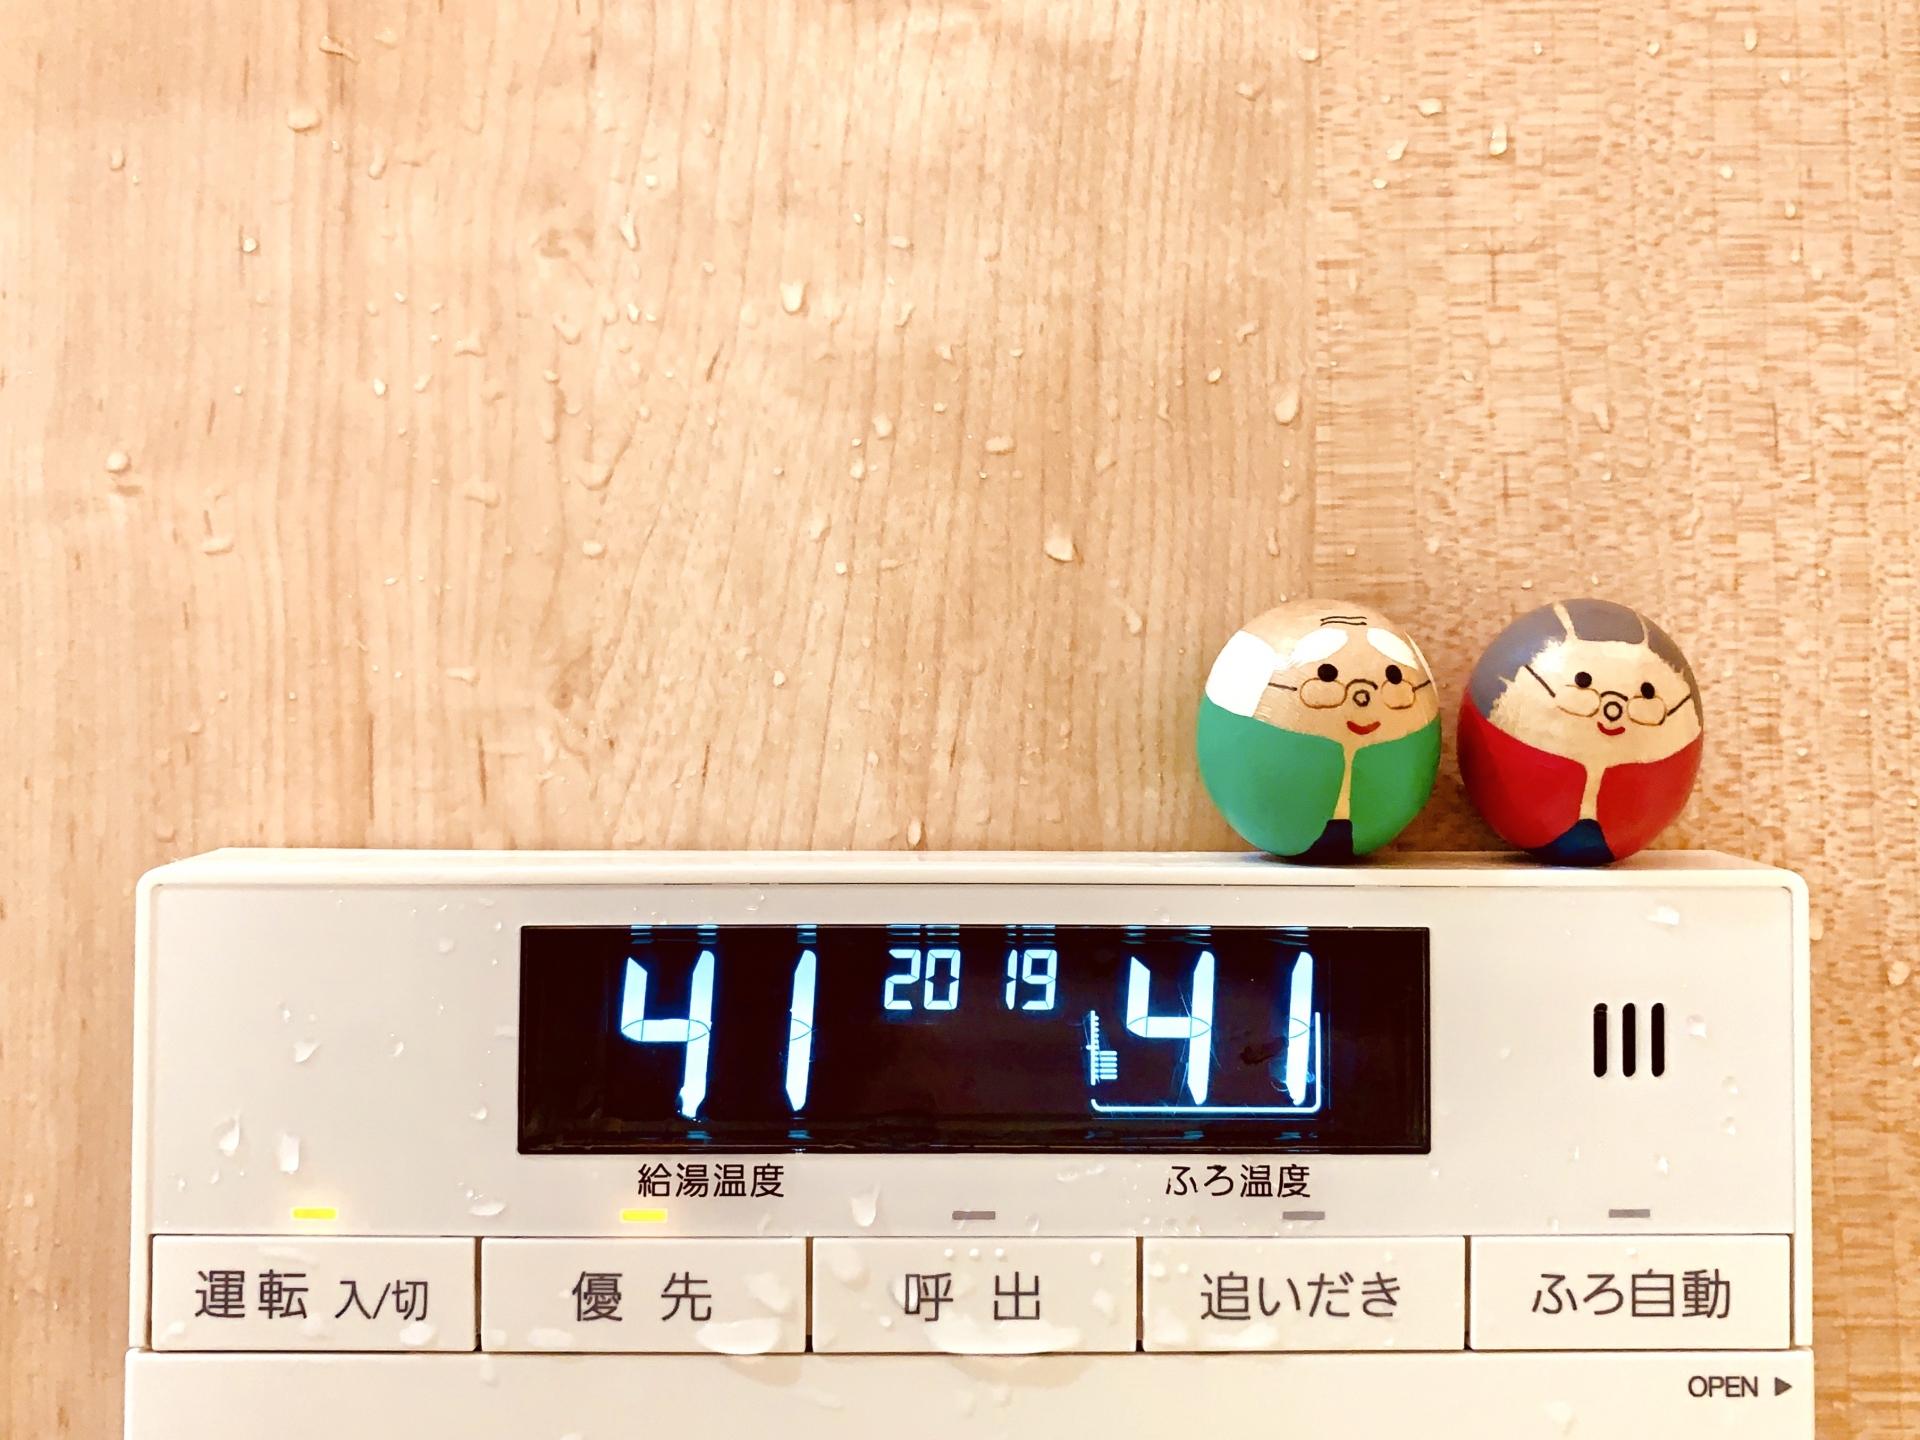 給湯器交換にかかる日数は?給湯器の種類ごとに目安時間を解説!